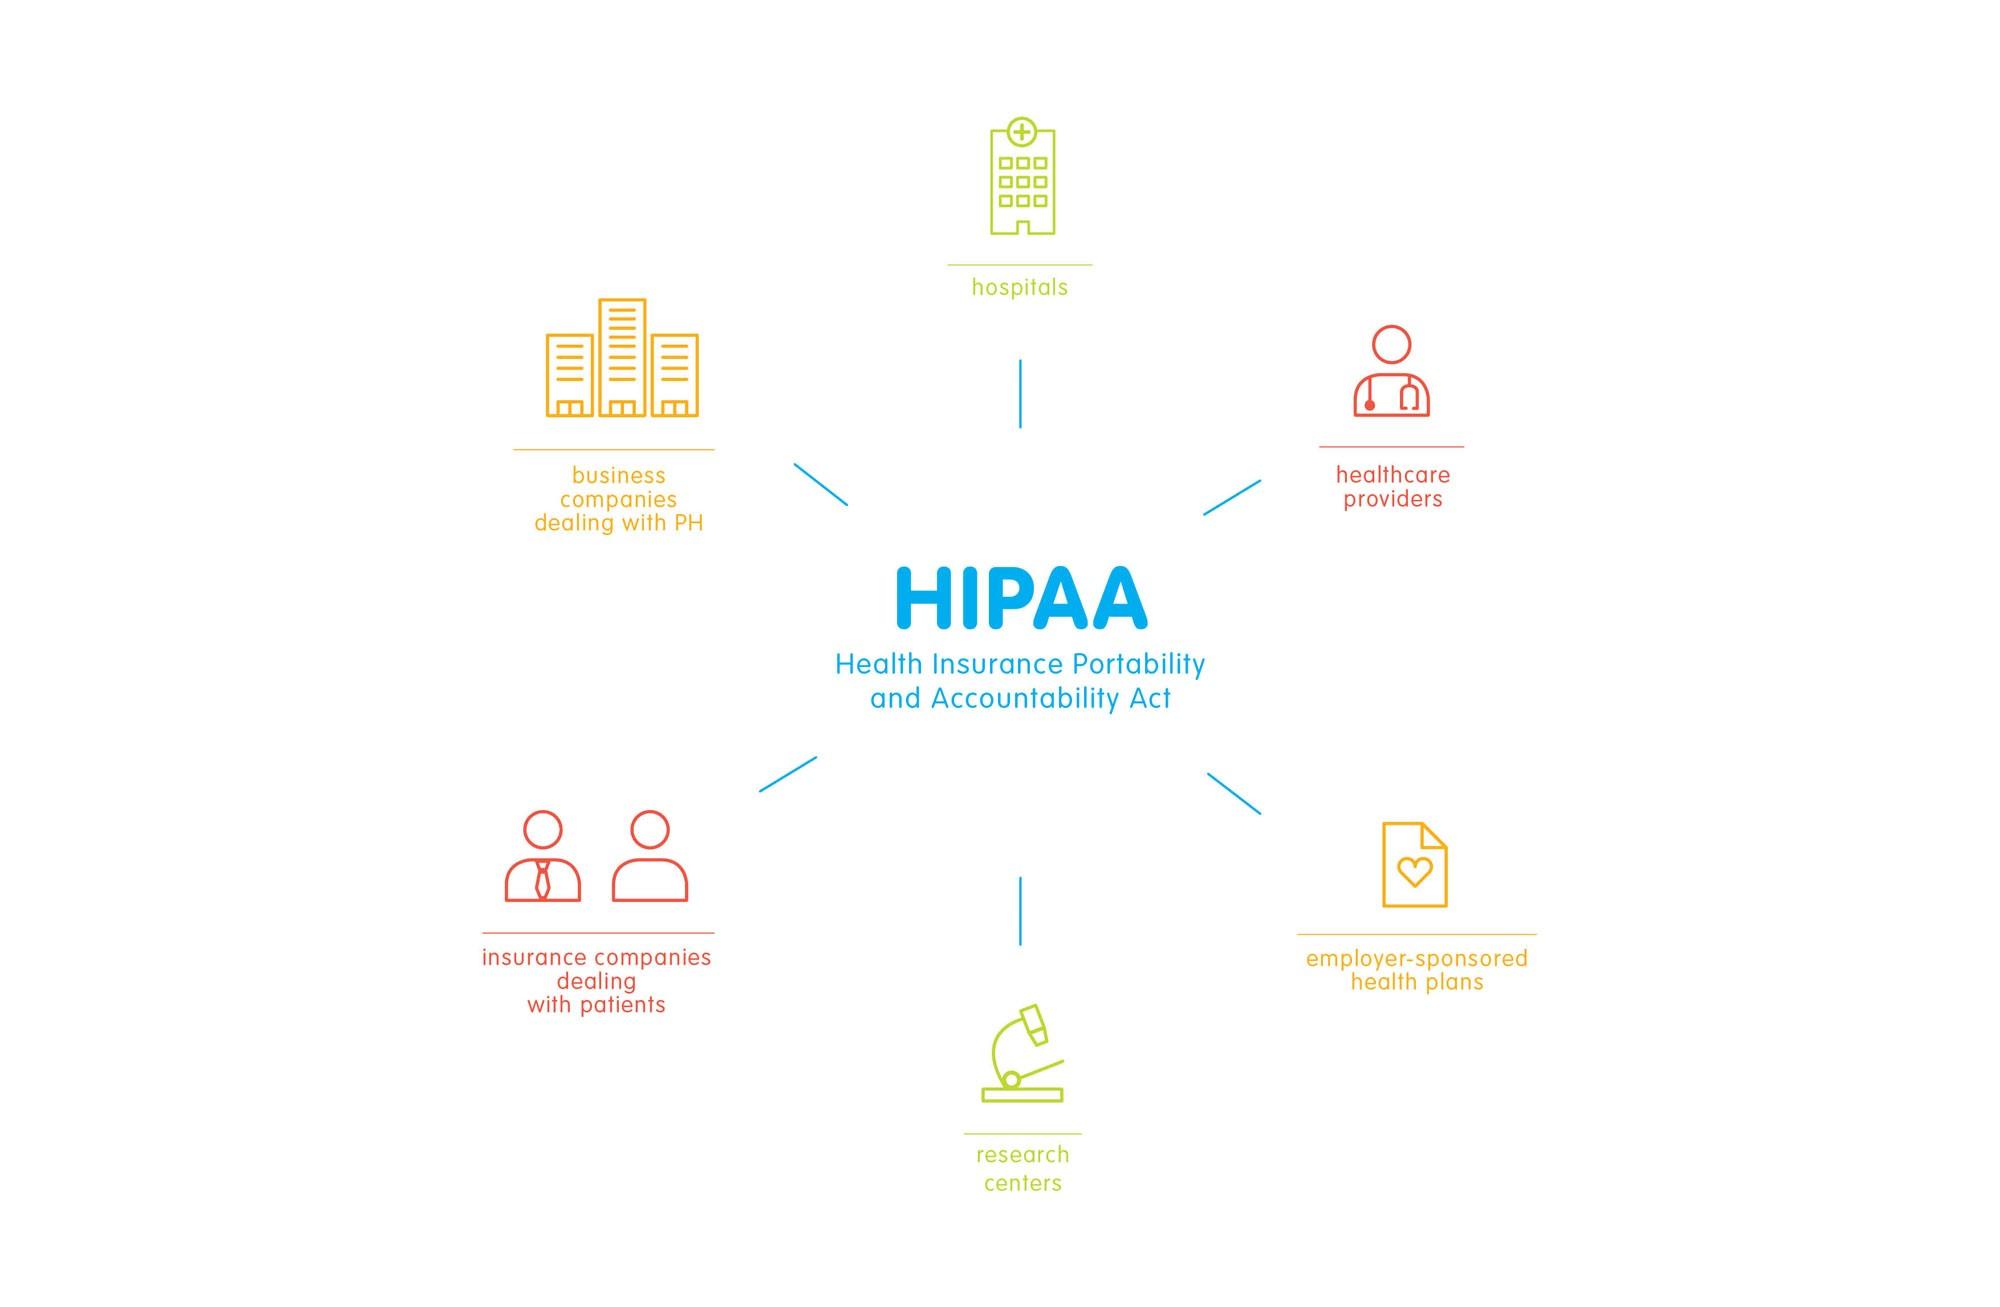 HIPAA subjects